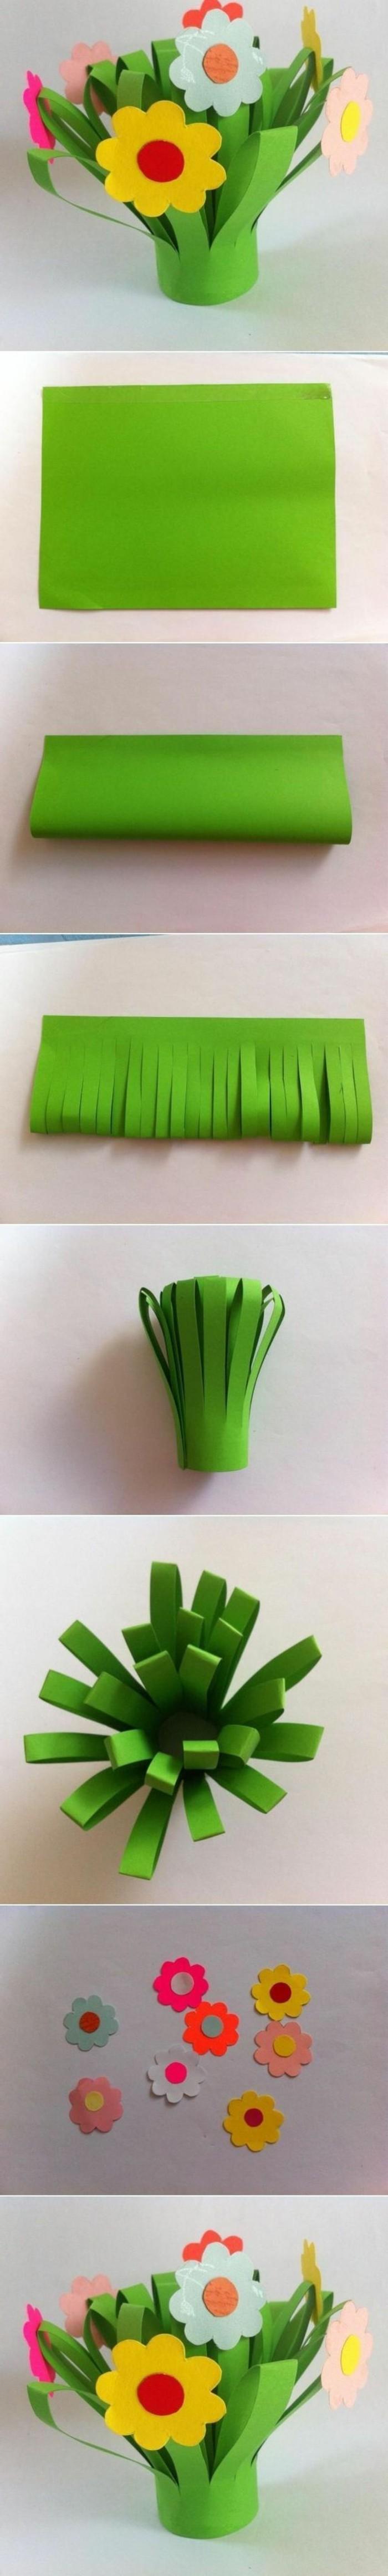 lavoretti-da-fare-con-i-bambini-idea-come-fabbricare-bouquet-di-fiori-carta-colorata-tecnica-bricolage